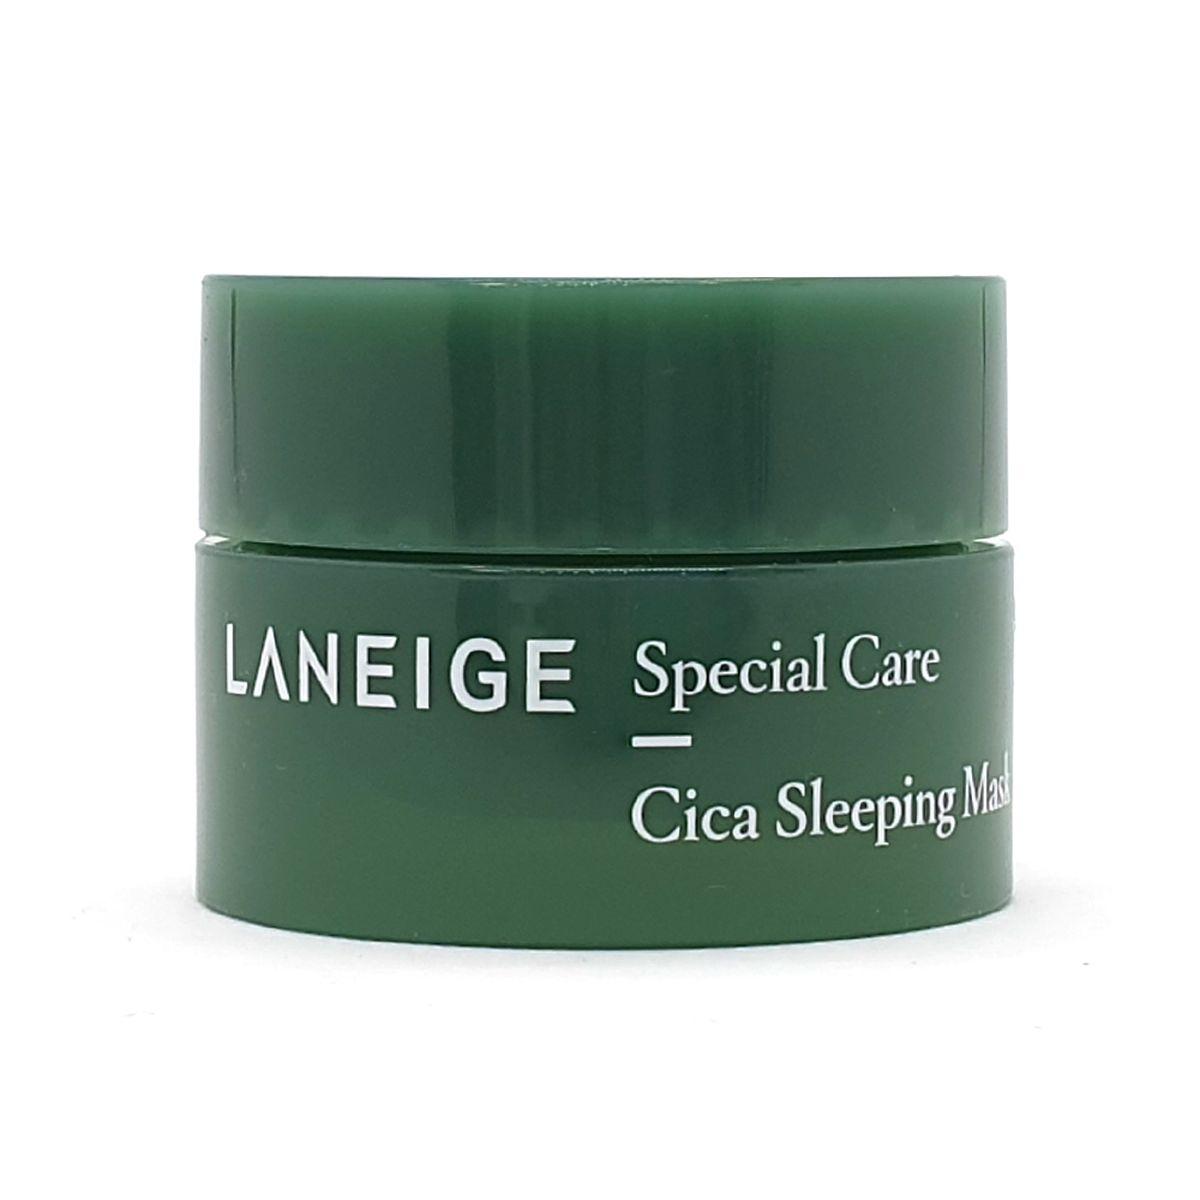 Миниатюра ночной маски для проблемной кожи Laneige Special Care Cica Sleeping Mask - 10 мл